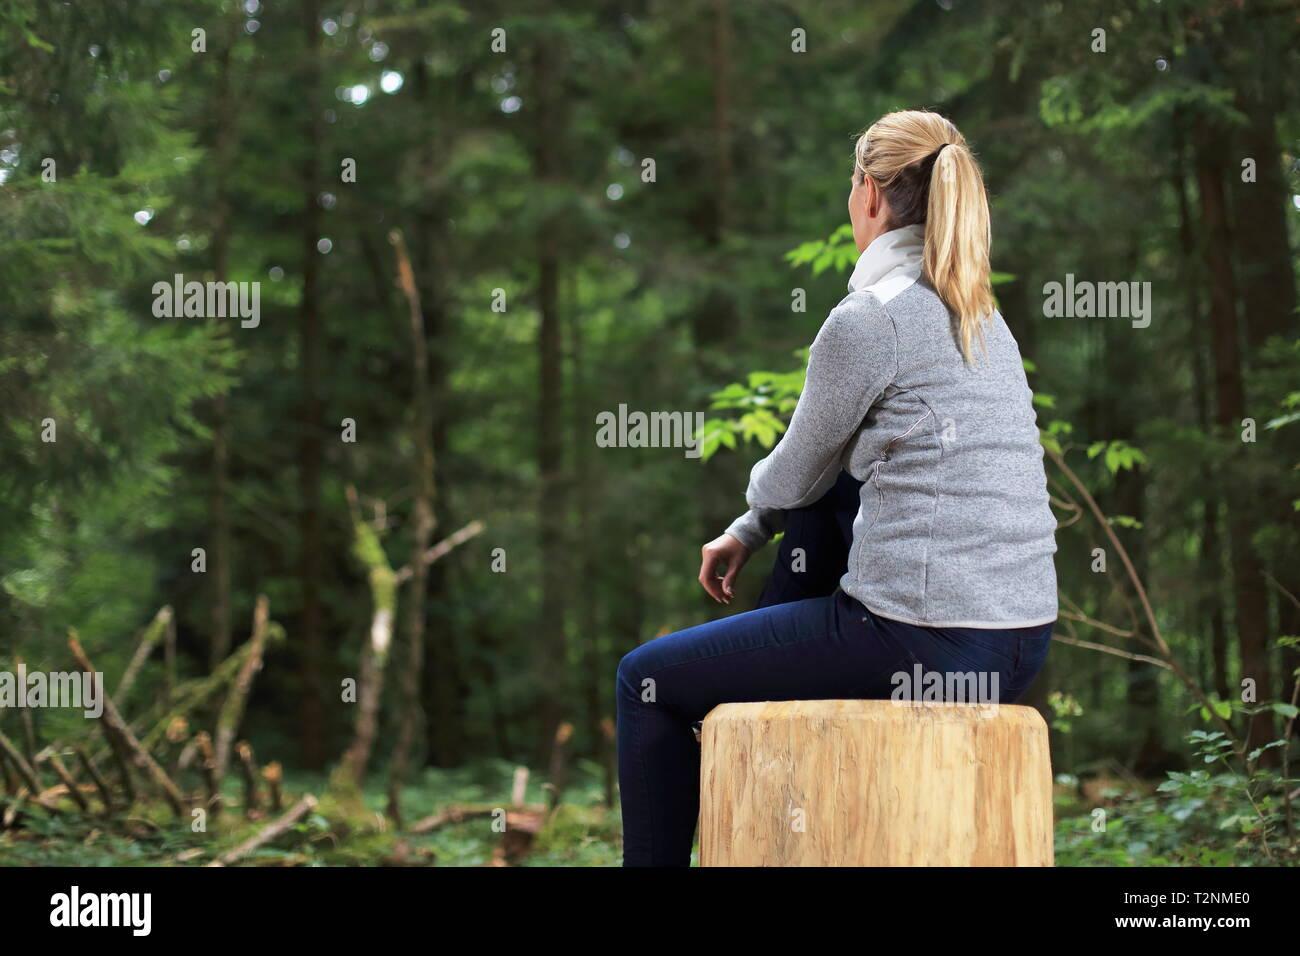 Una mujer relajada en el tronco de un árbol en un bosque Imagen De Stock